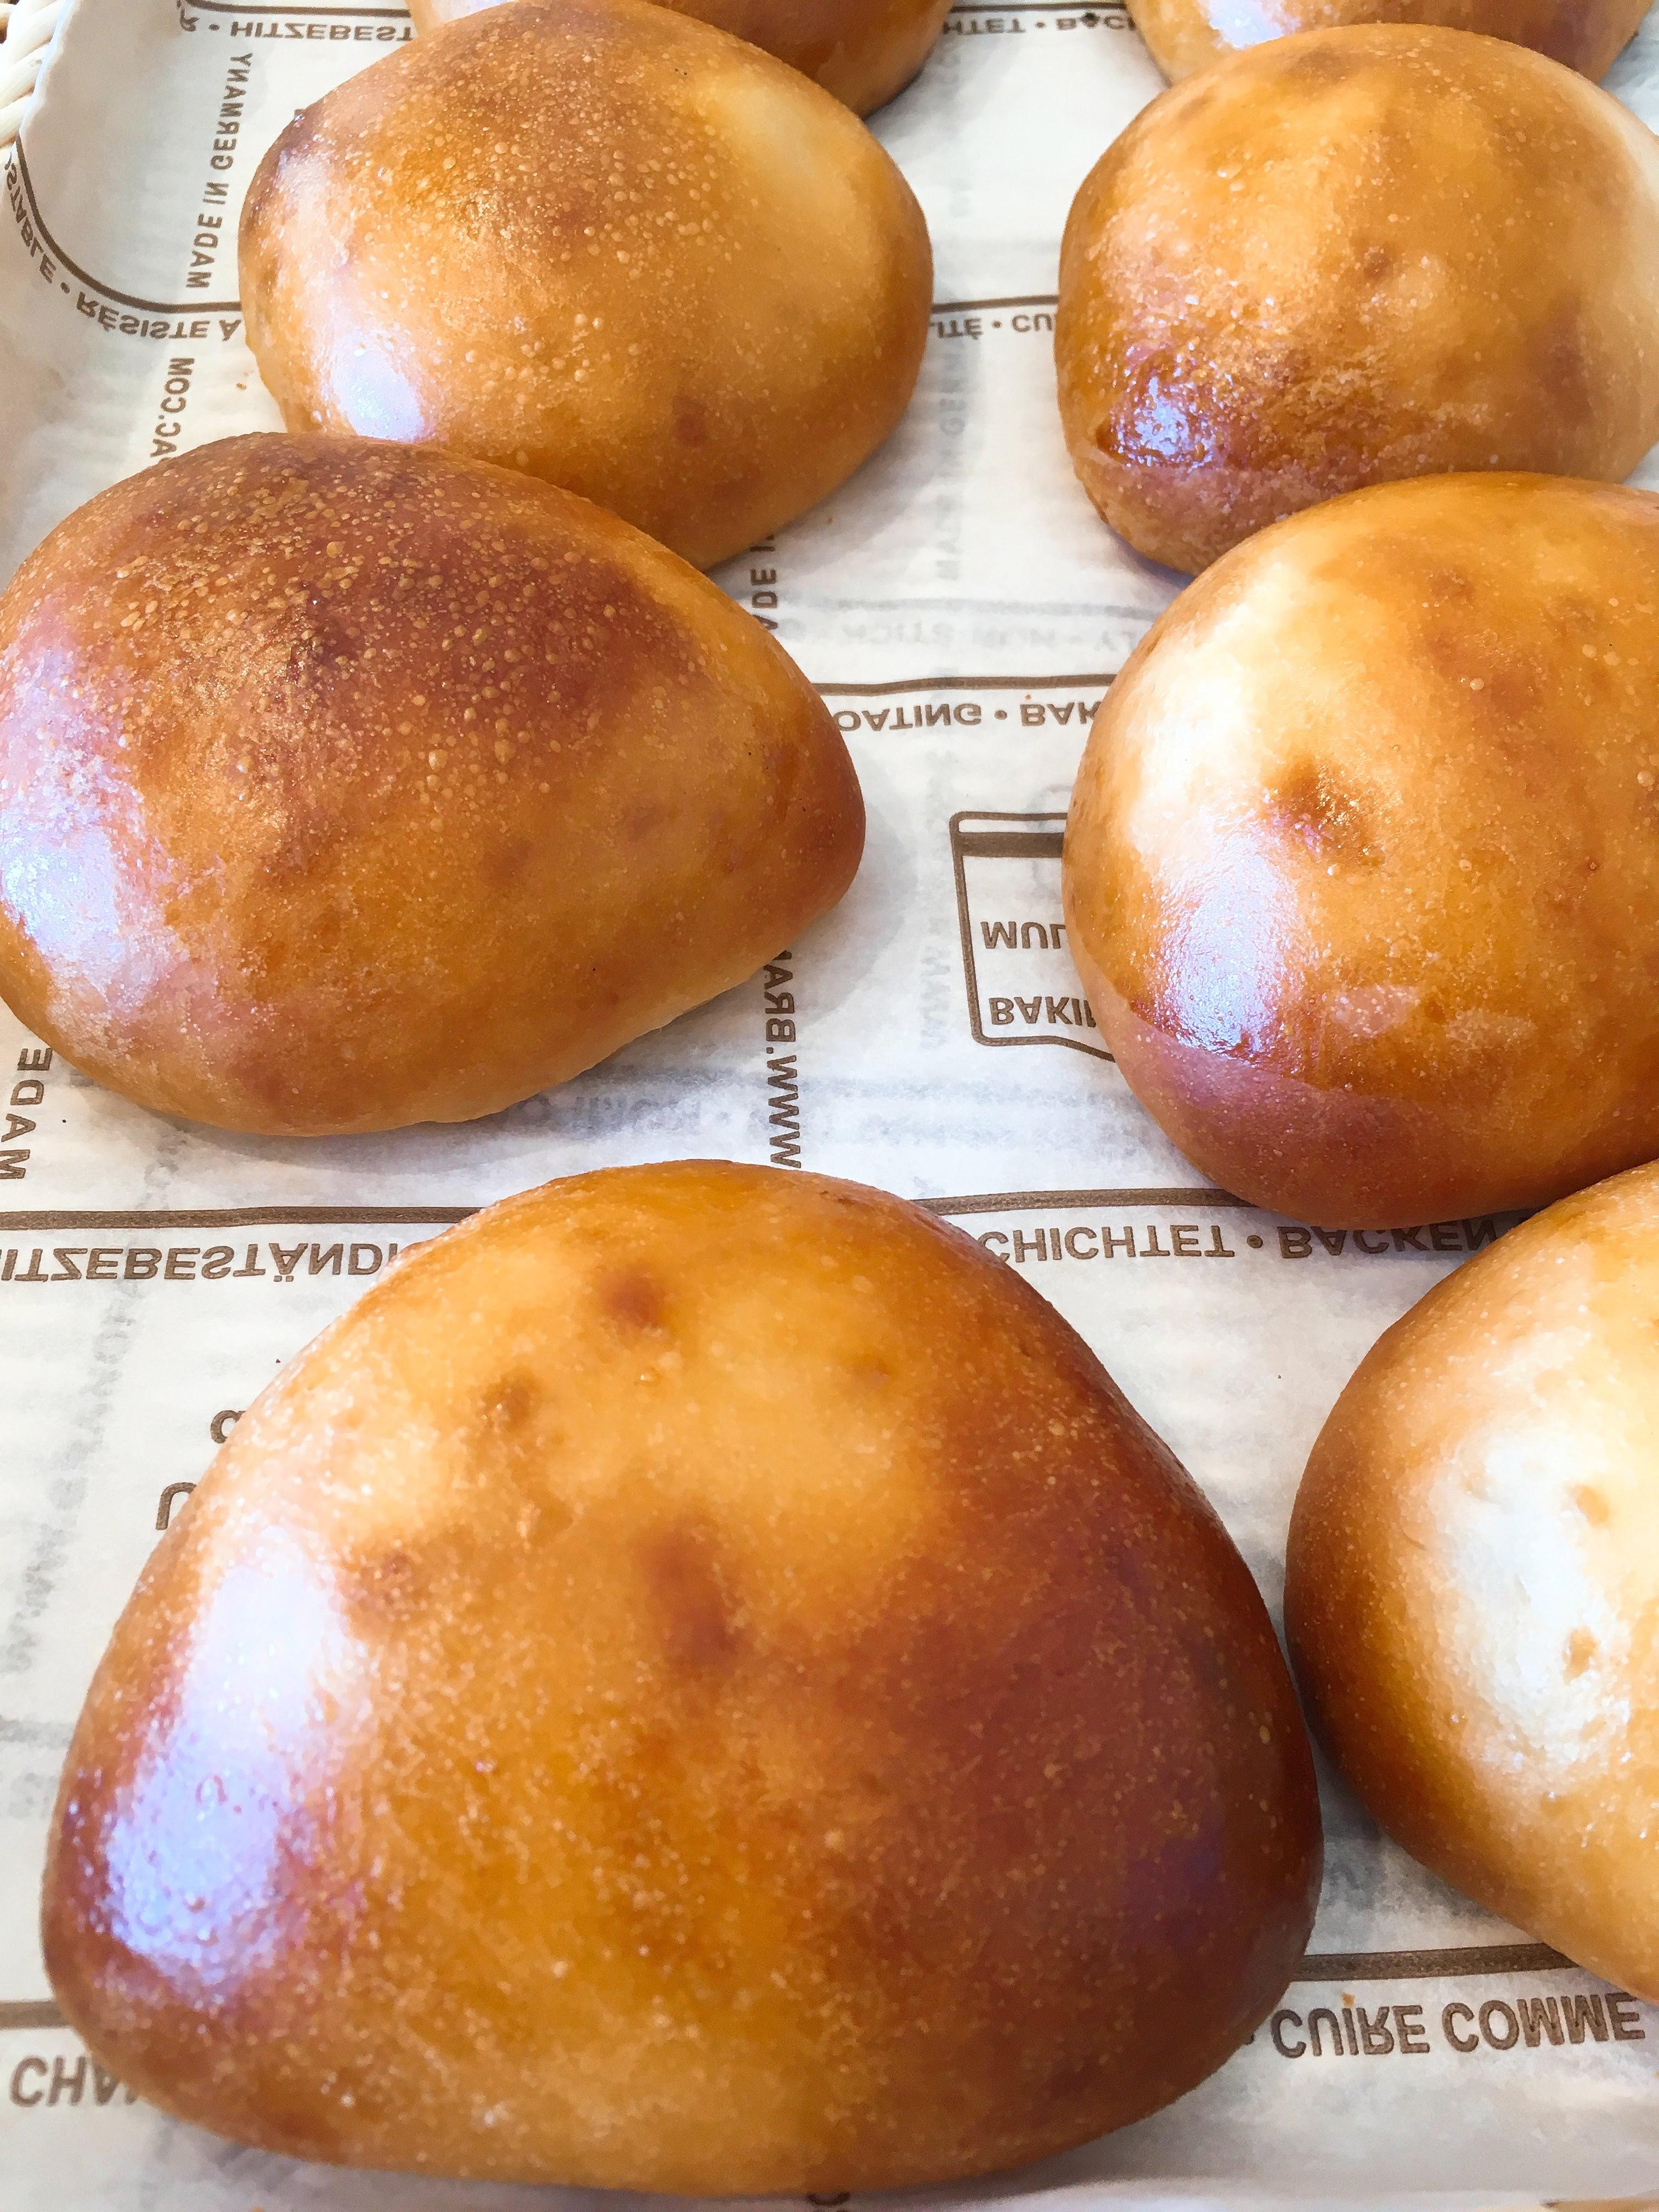 【鴻巣】Bakery Palm(ベーカリーパーム)こだわりたっぷり地元素材をふんだんに使ったおいしいパン屋さんを発見!